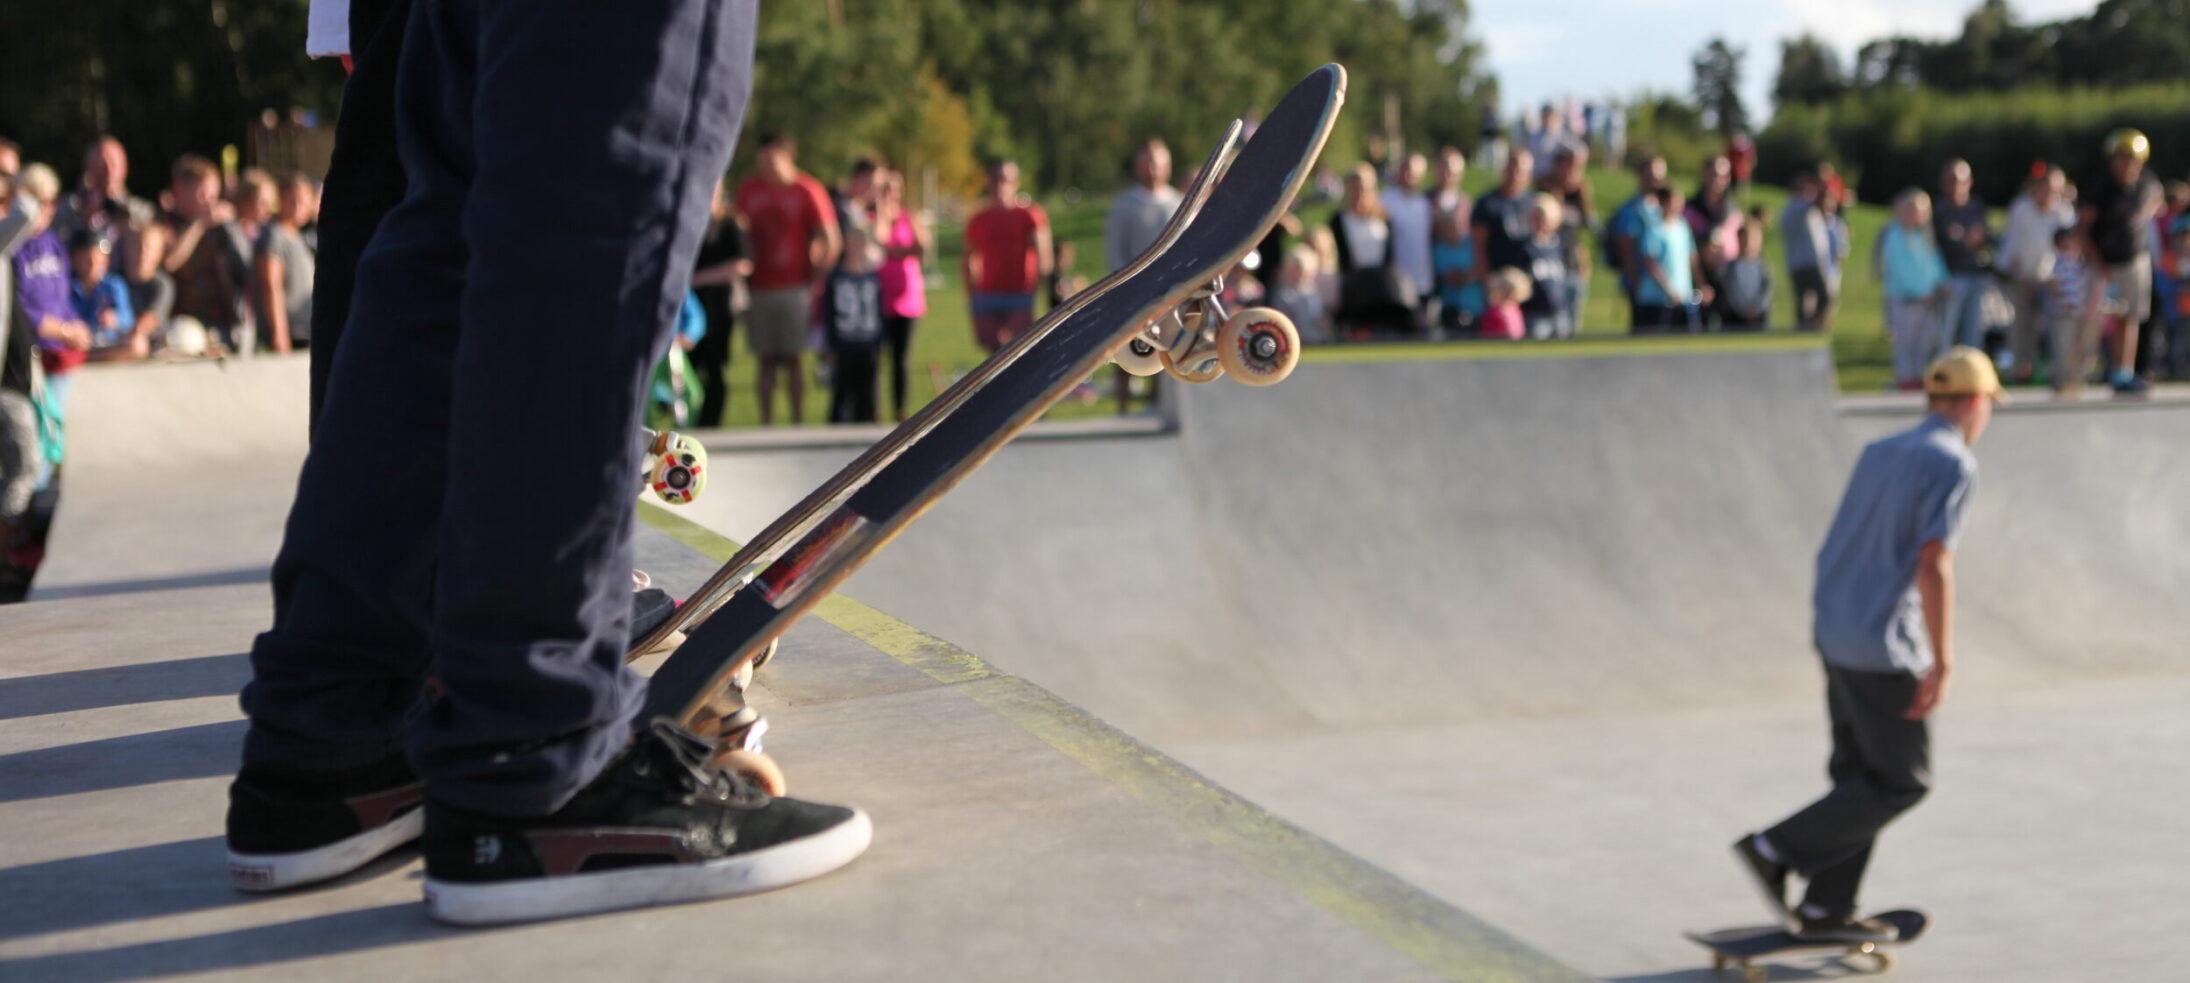 Närbild på ben i jeans och gympaskor med skateboard vid ramp i betong. Publik i förgrunden och kille på skateboard.